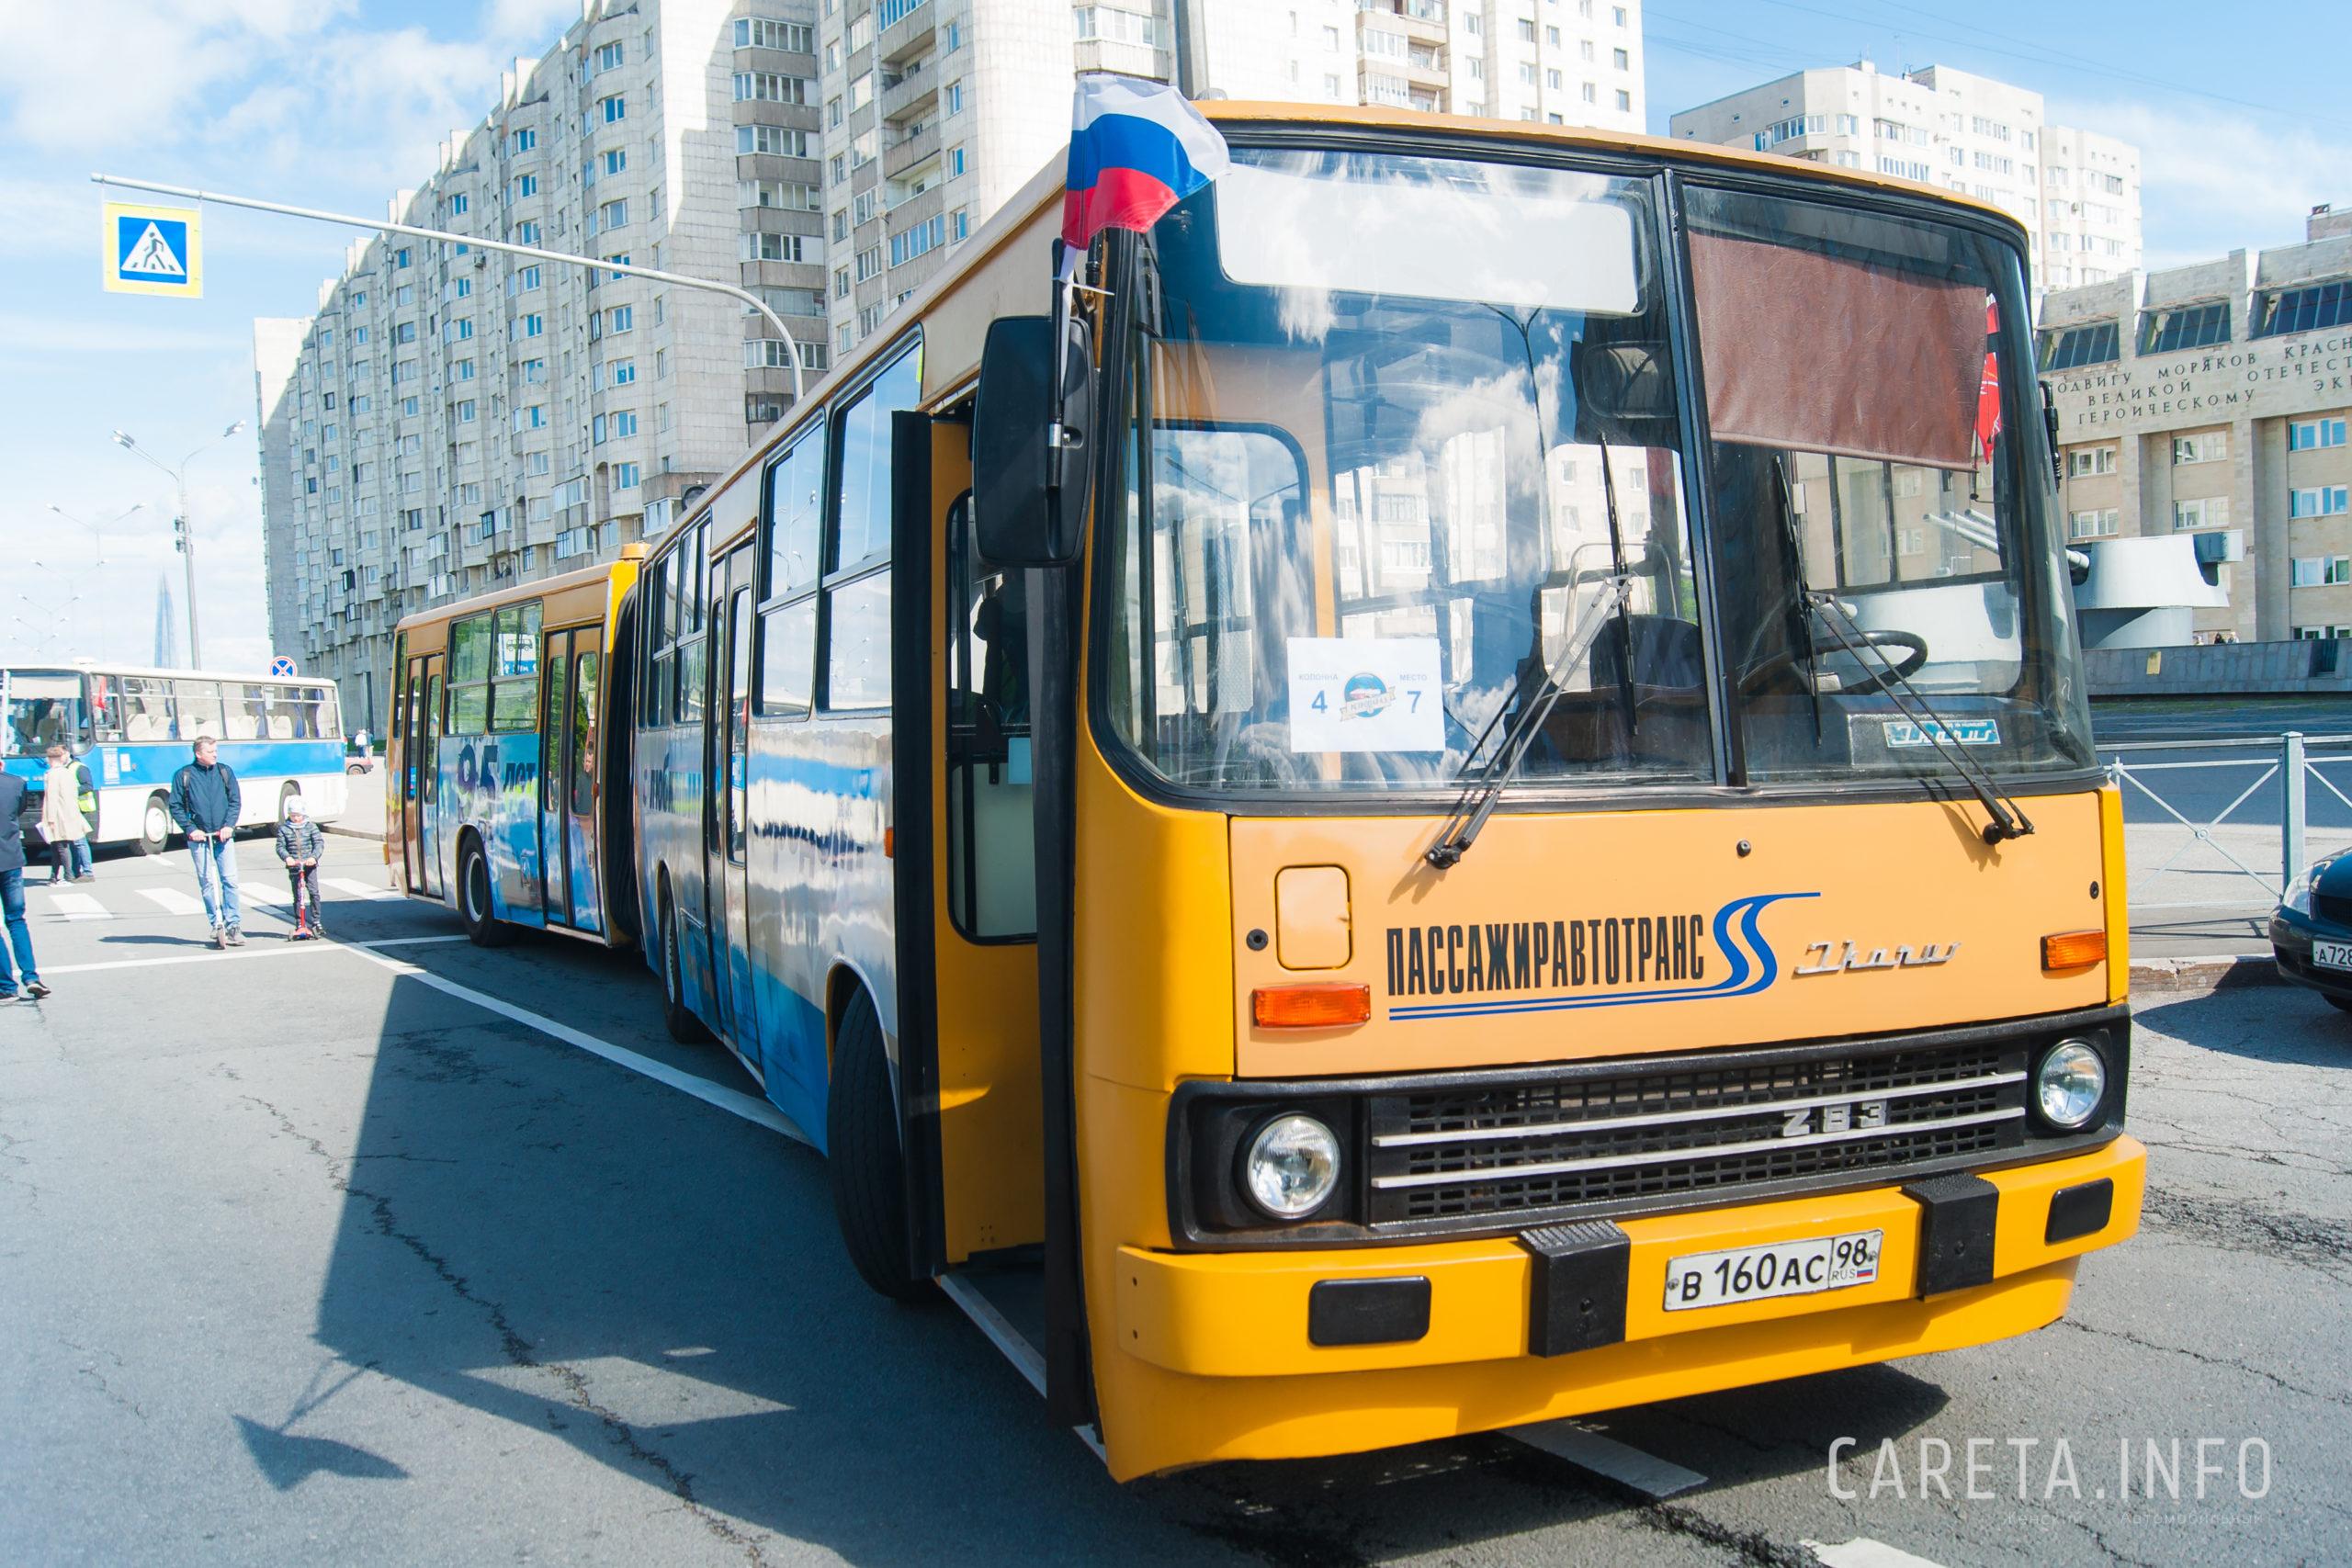 Парад ретро-транспорта прошел в Петербурге